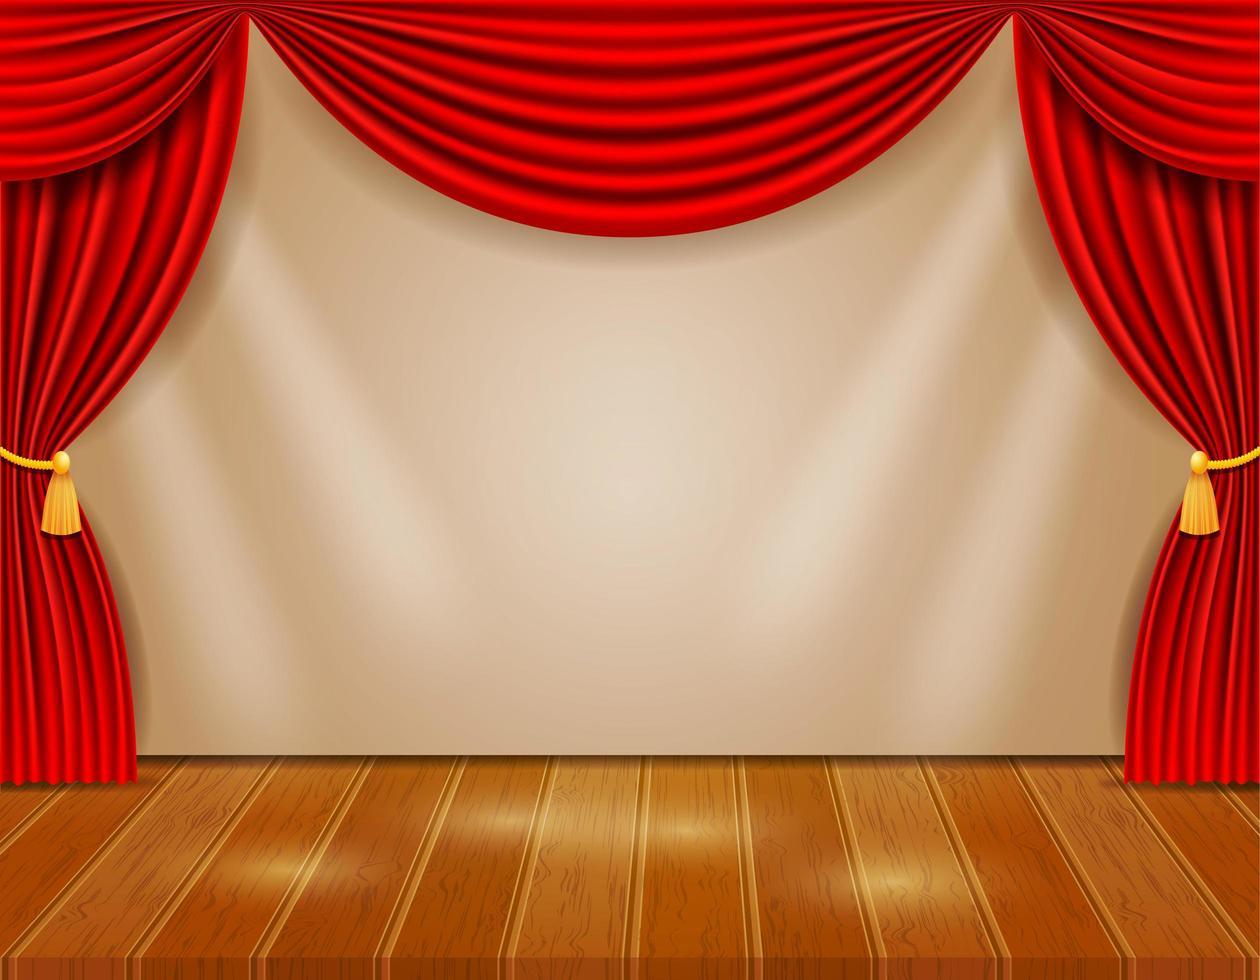 palcoscenico con tende rosse vettore